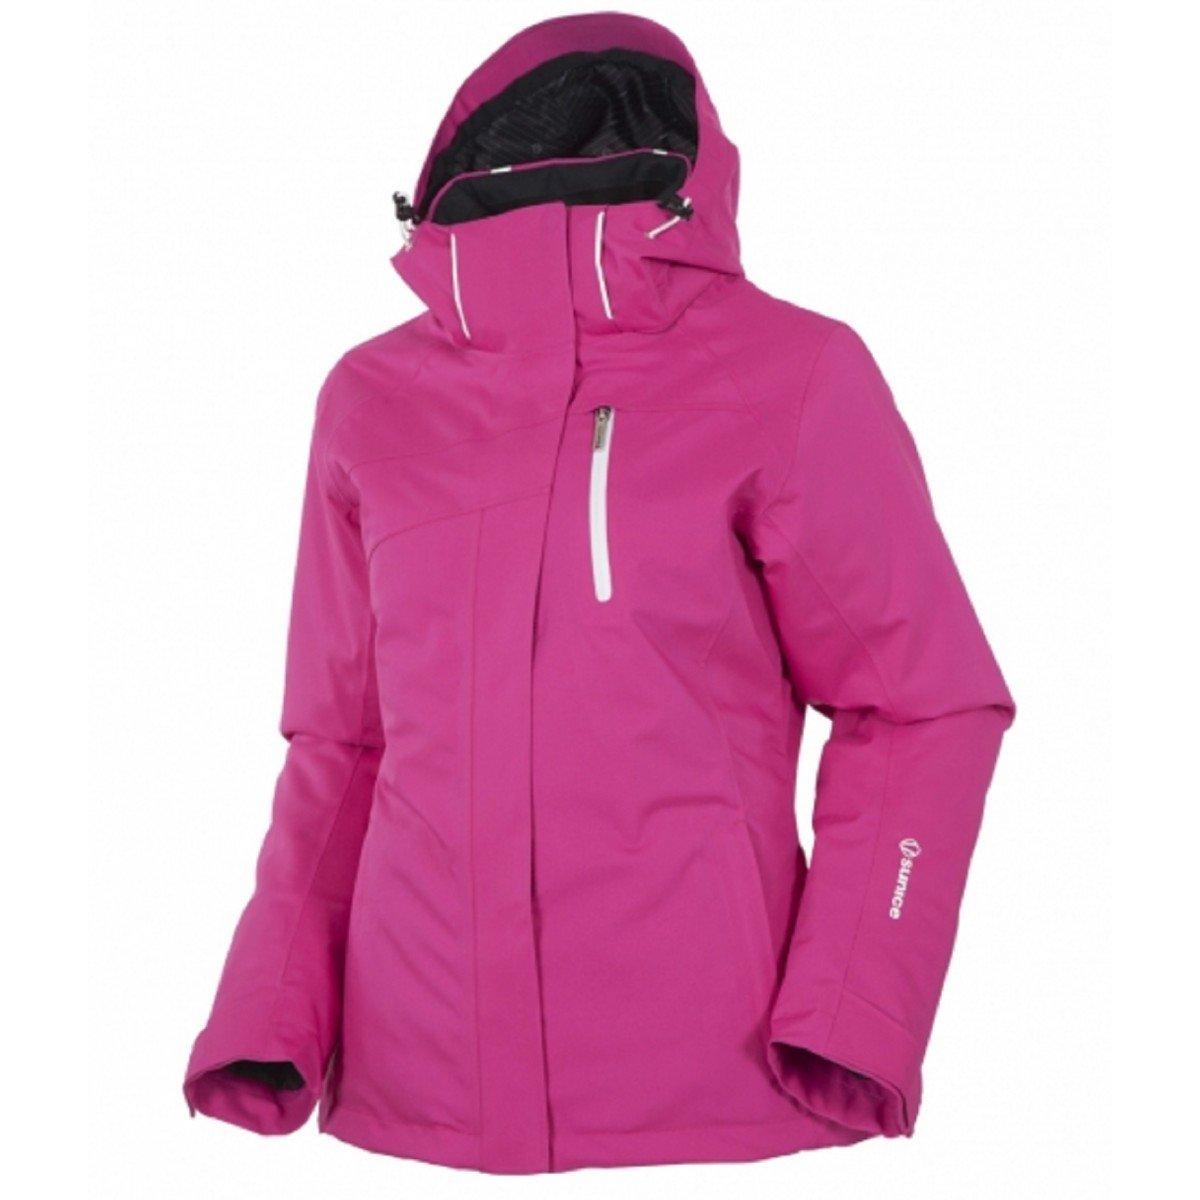 Sunice Women's Mirage Jacket